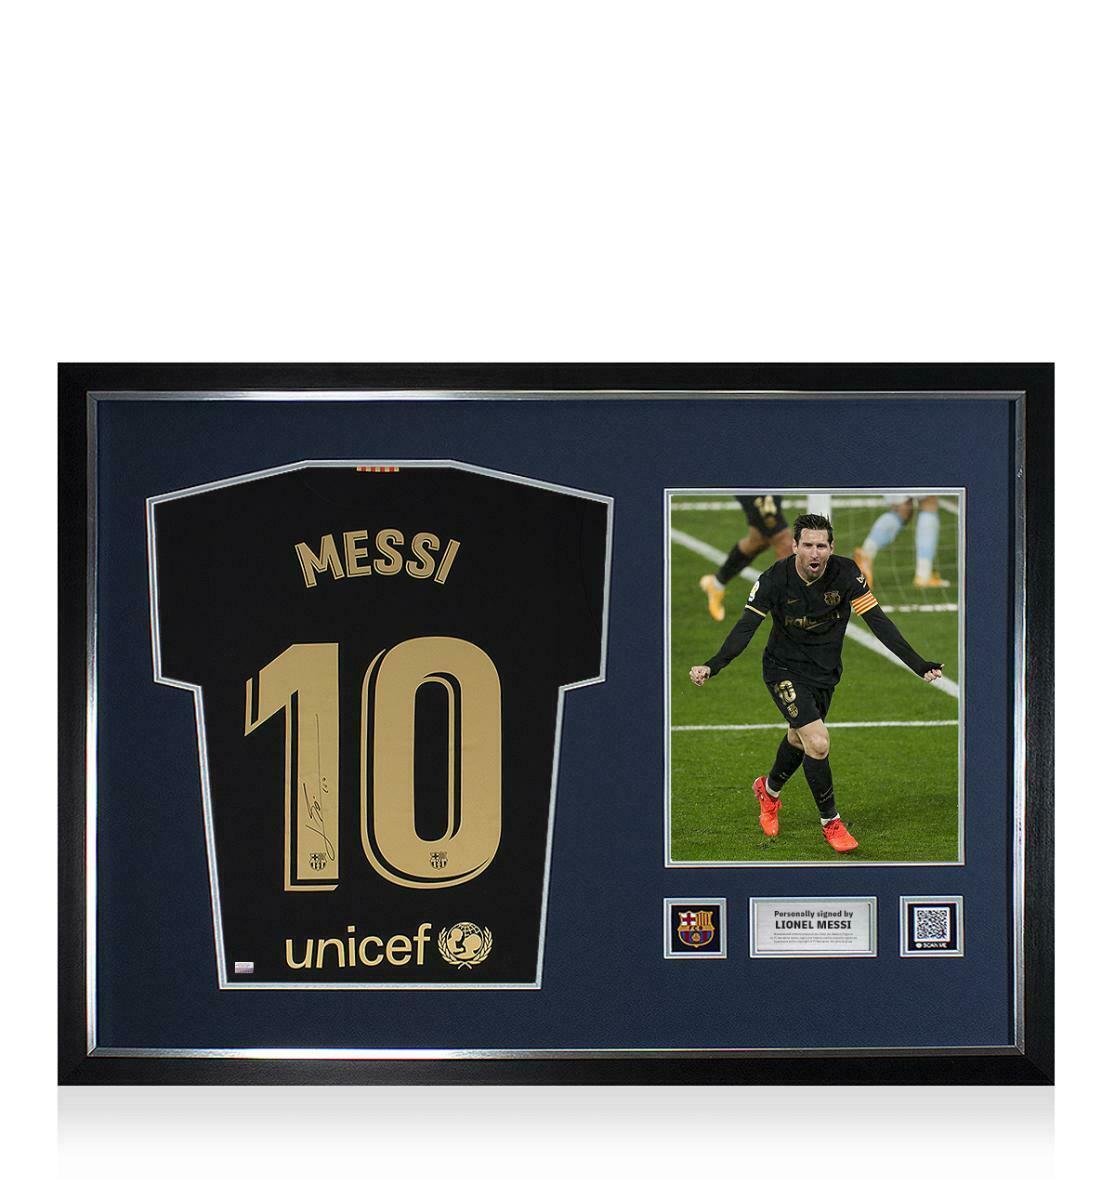 Camiseta firmada por Messi